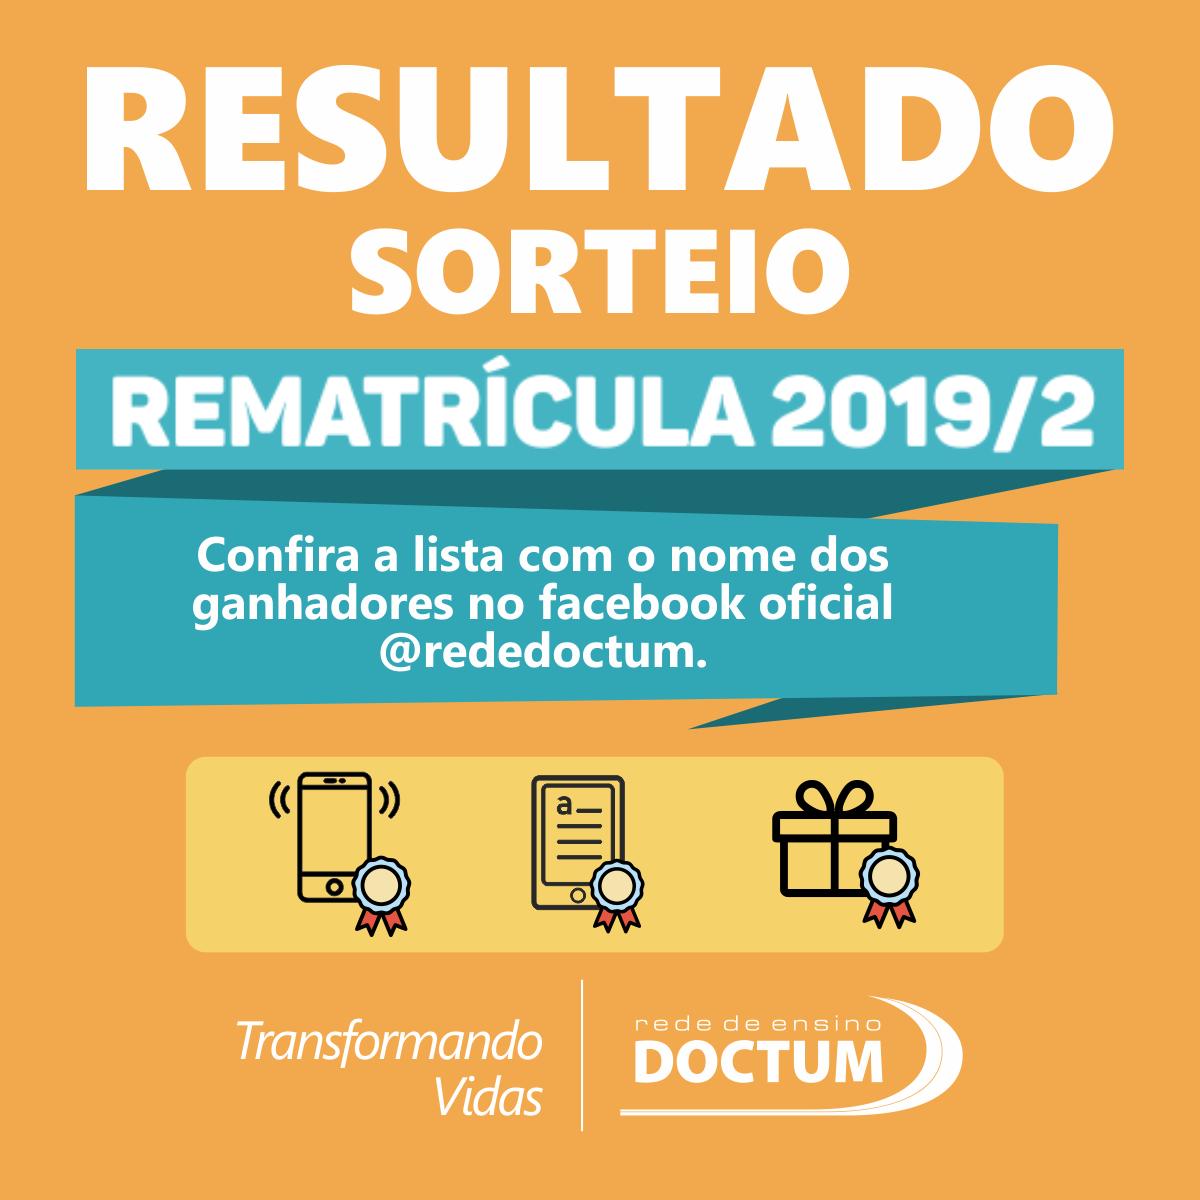 RESULTADO SORTEIO BRINDES REMATRICULA 2019 - Instagran (feed)